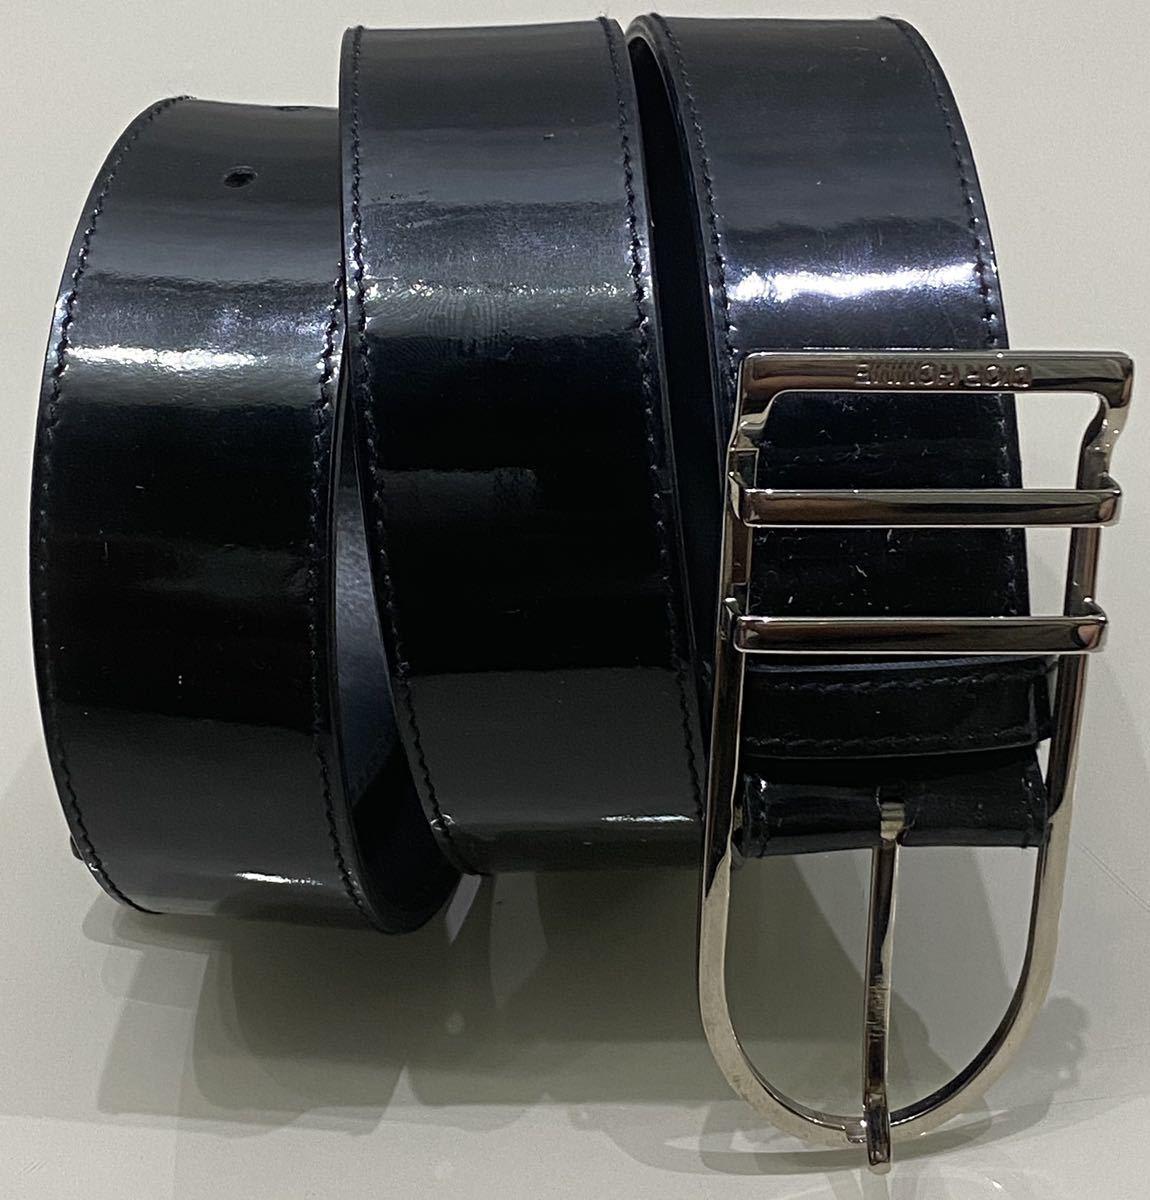 正規品 ディオールオム dior homme パテント レザー ベルト 85 黒_画像2